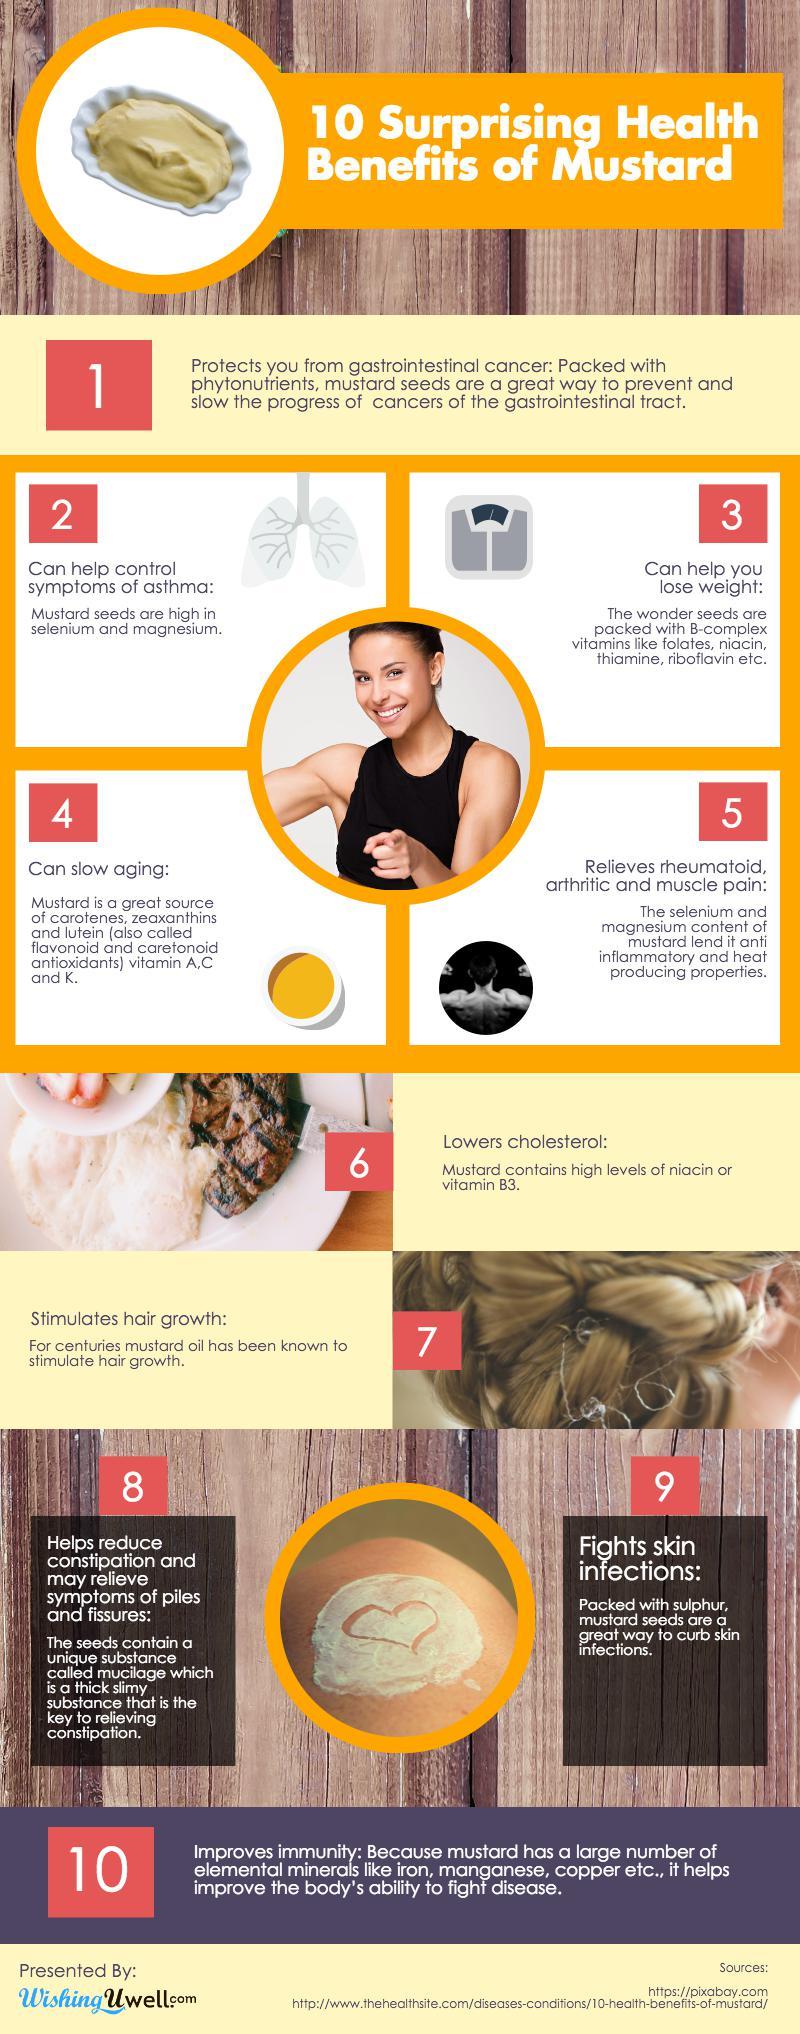 インフォグラフィック:マスタードの作り方と10の健康メリット。ダイエットや育毛にも効果あり